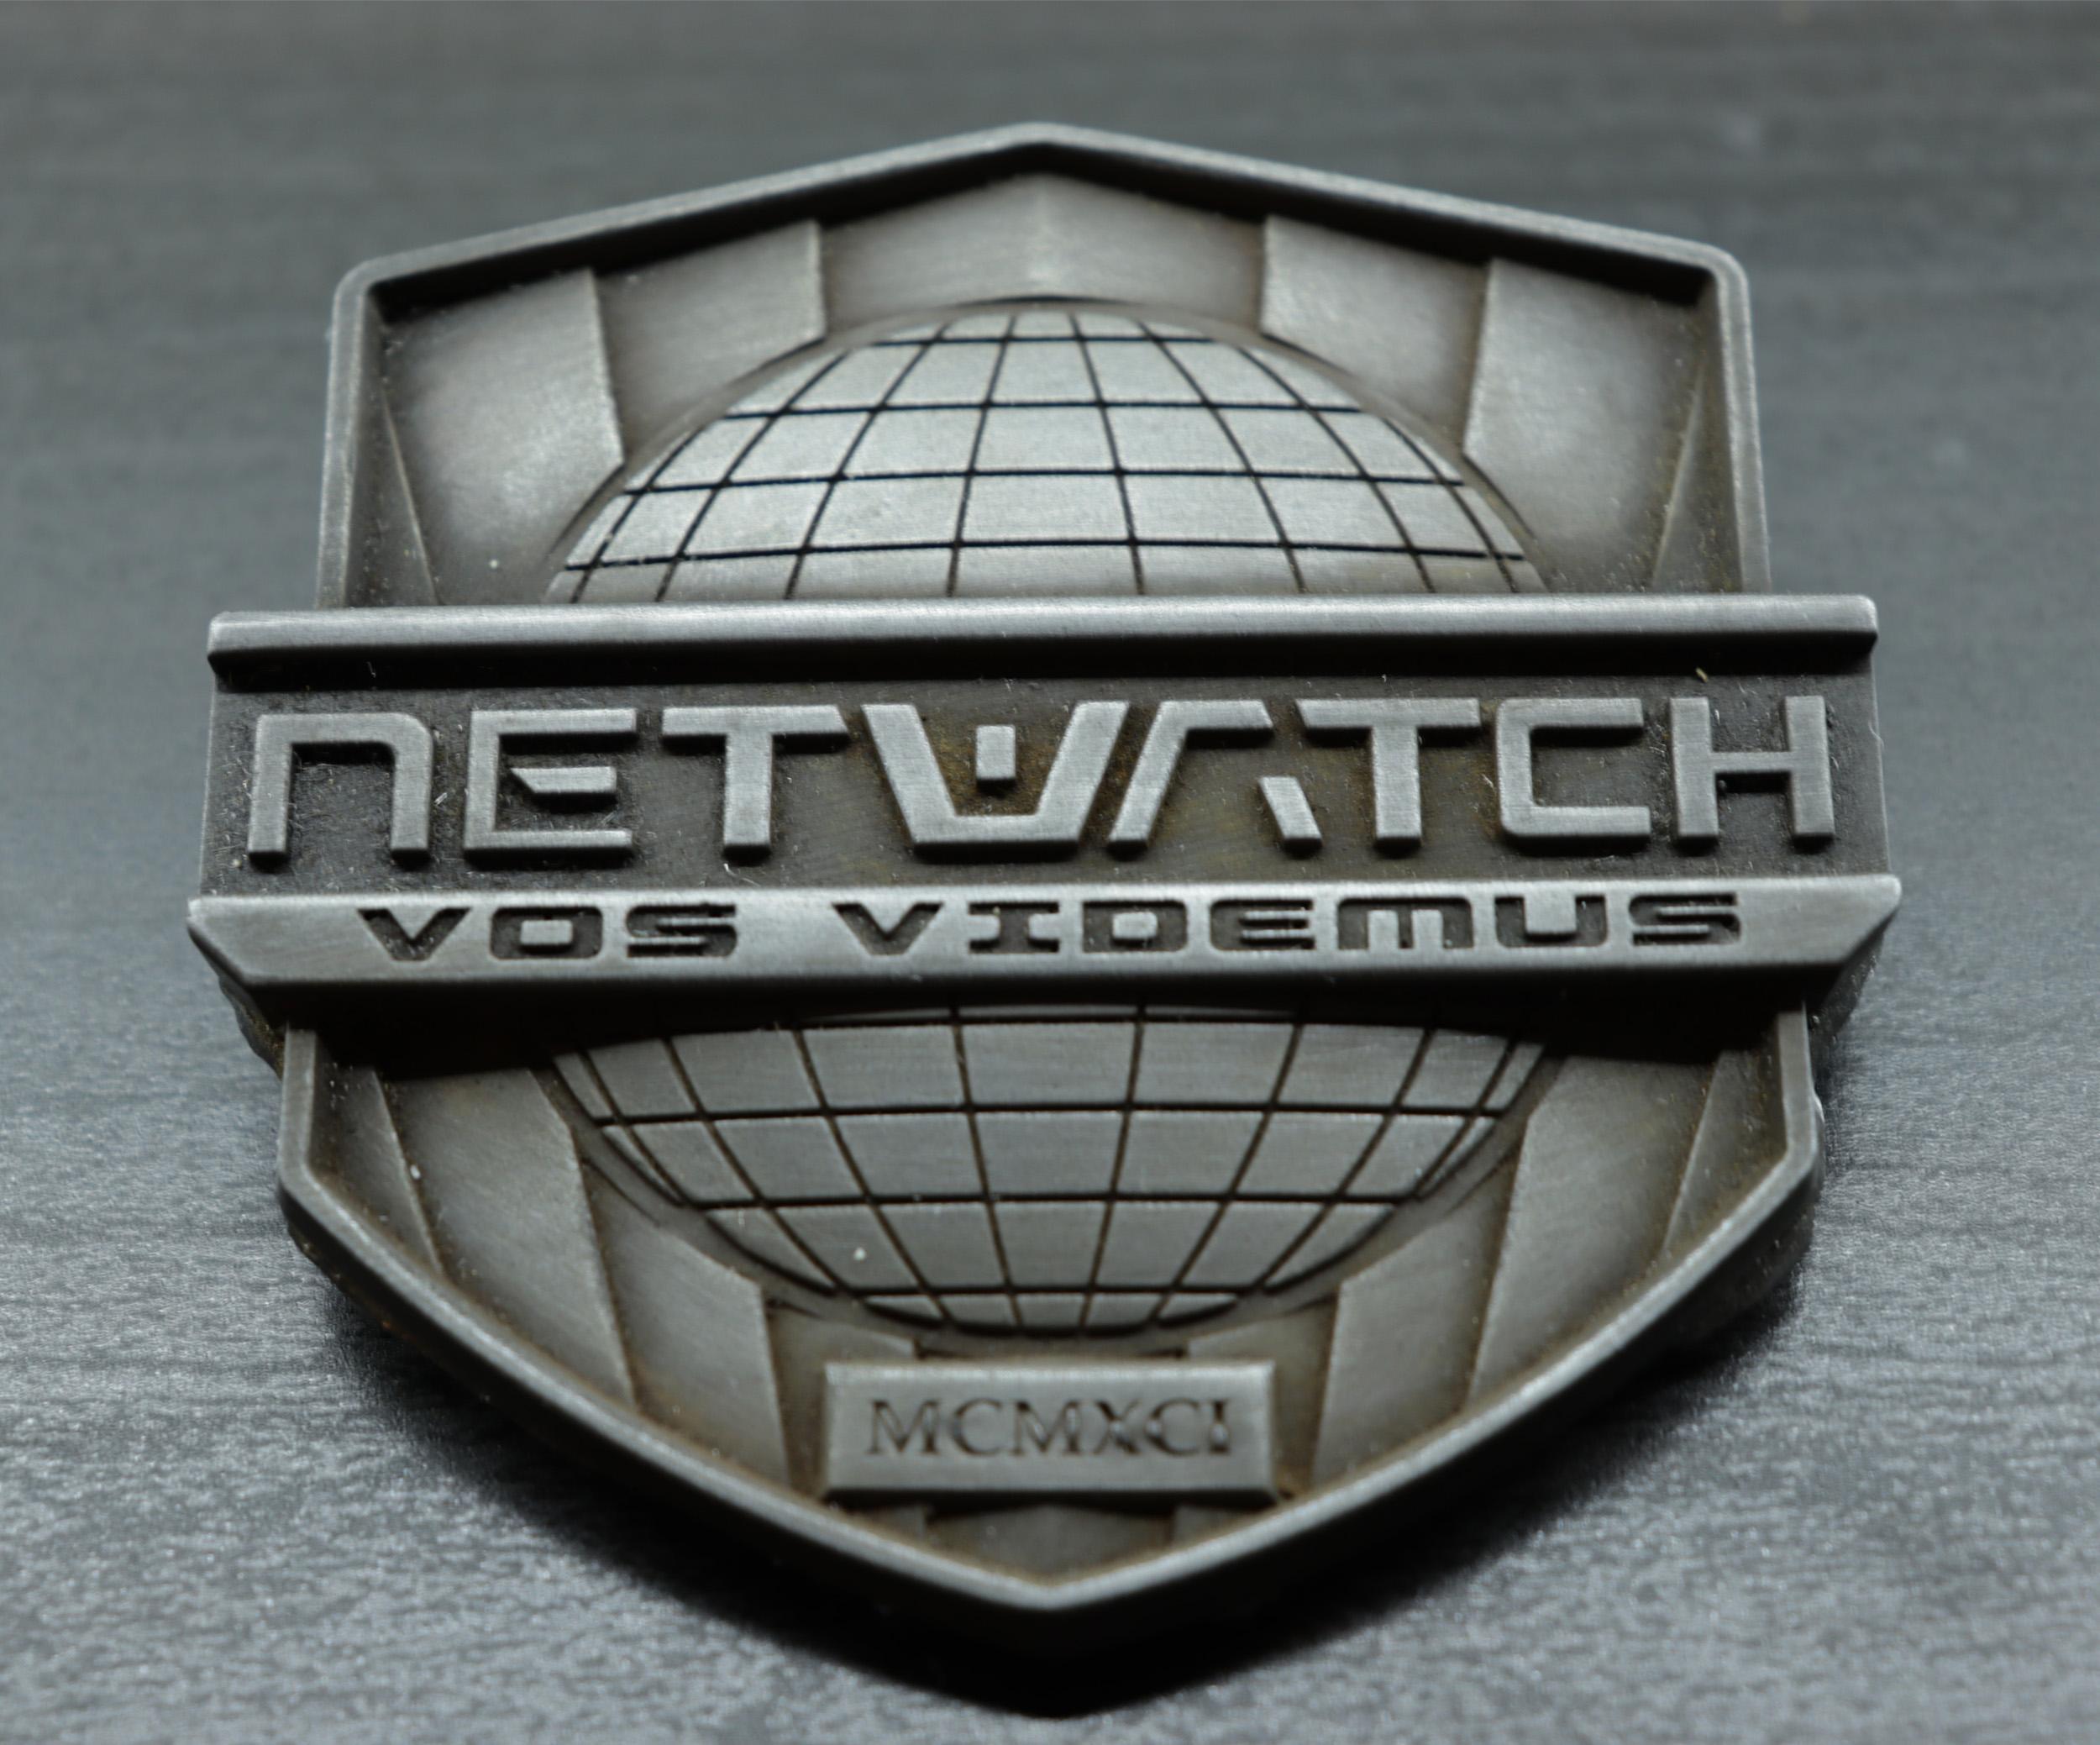 NetwatchDetailCastIron.jpg